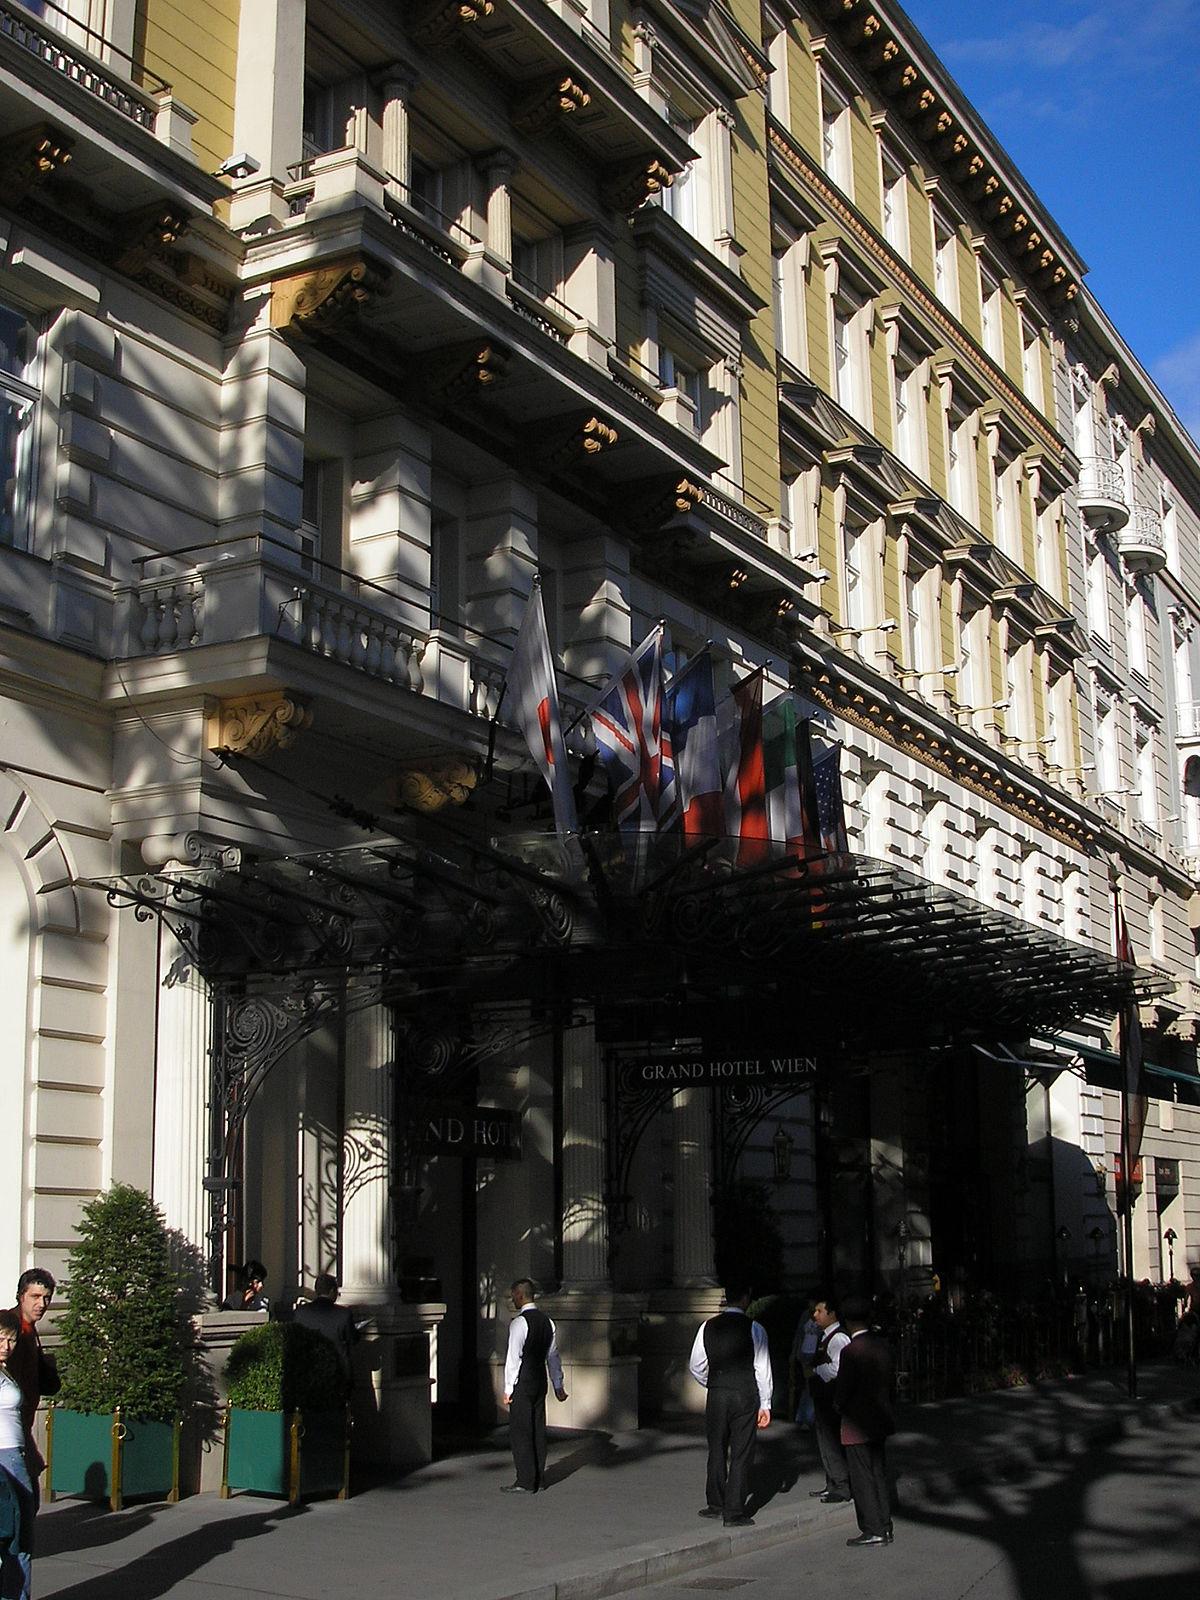 Grand Hotel Wien Fr Ef Bf Bdhst Ef Bf Bdck